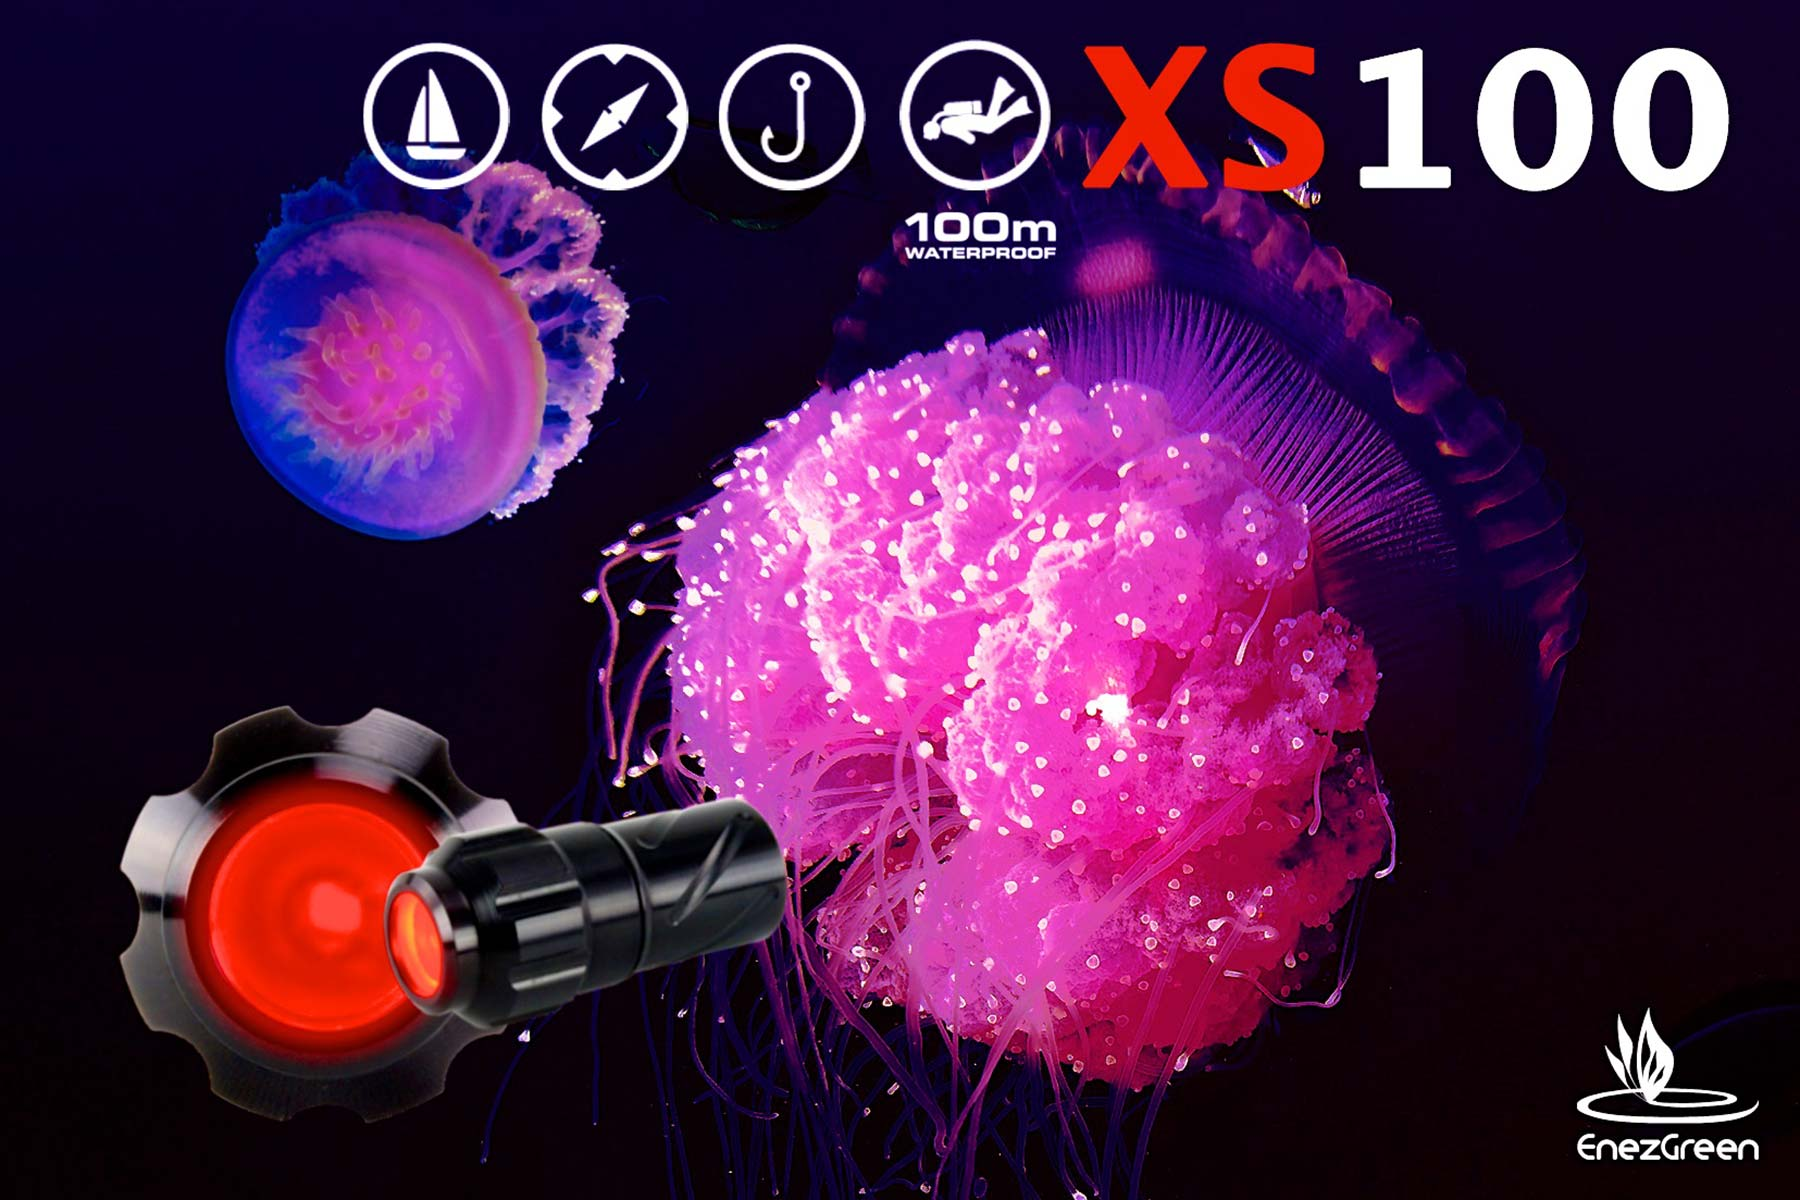 mini lampe torche xs100 étanche 100 mètres lampe de plongée sous marine